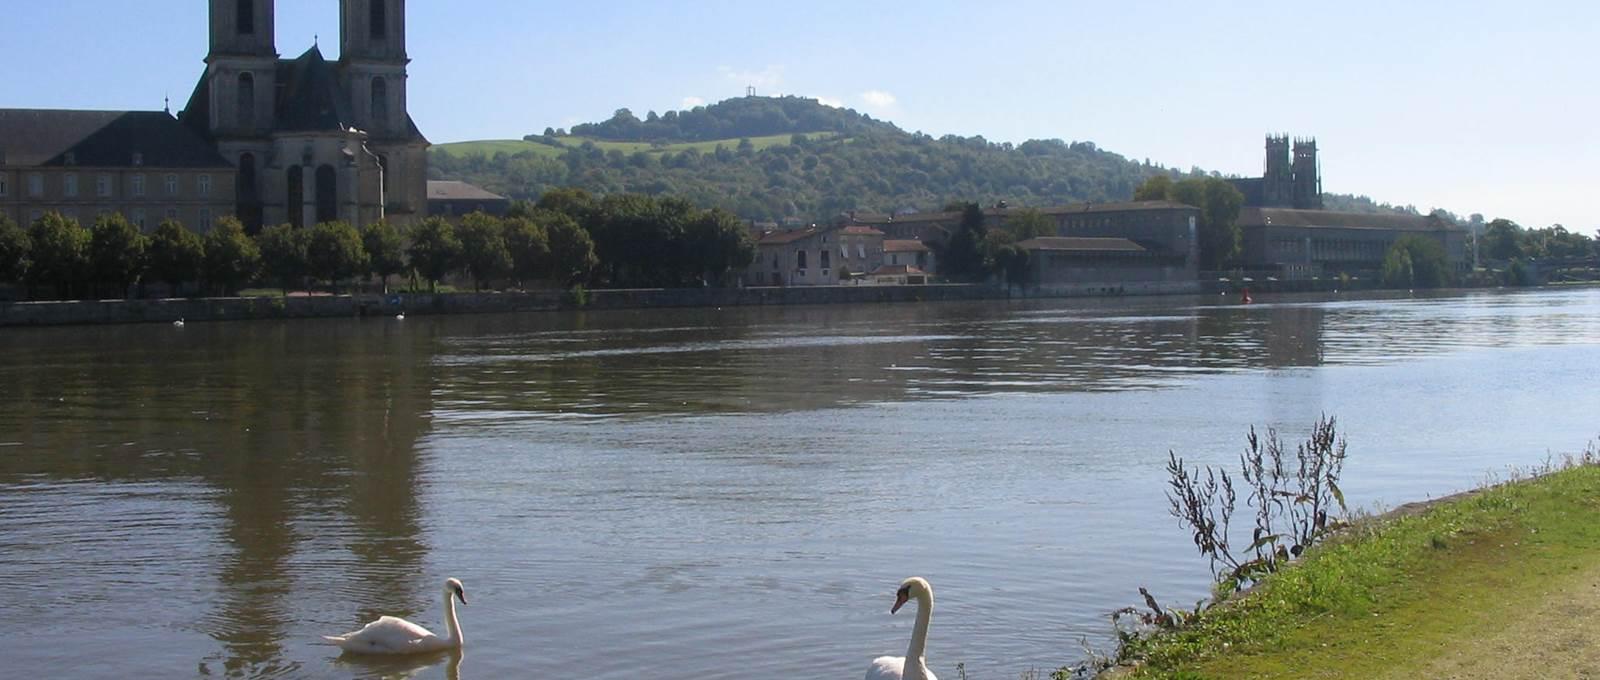 Vues des bords de Moselle Abbaye des prémontrés et Eglise Saint Martin